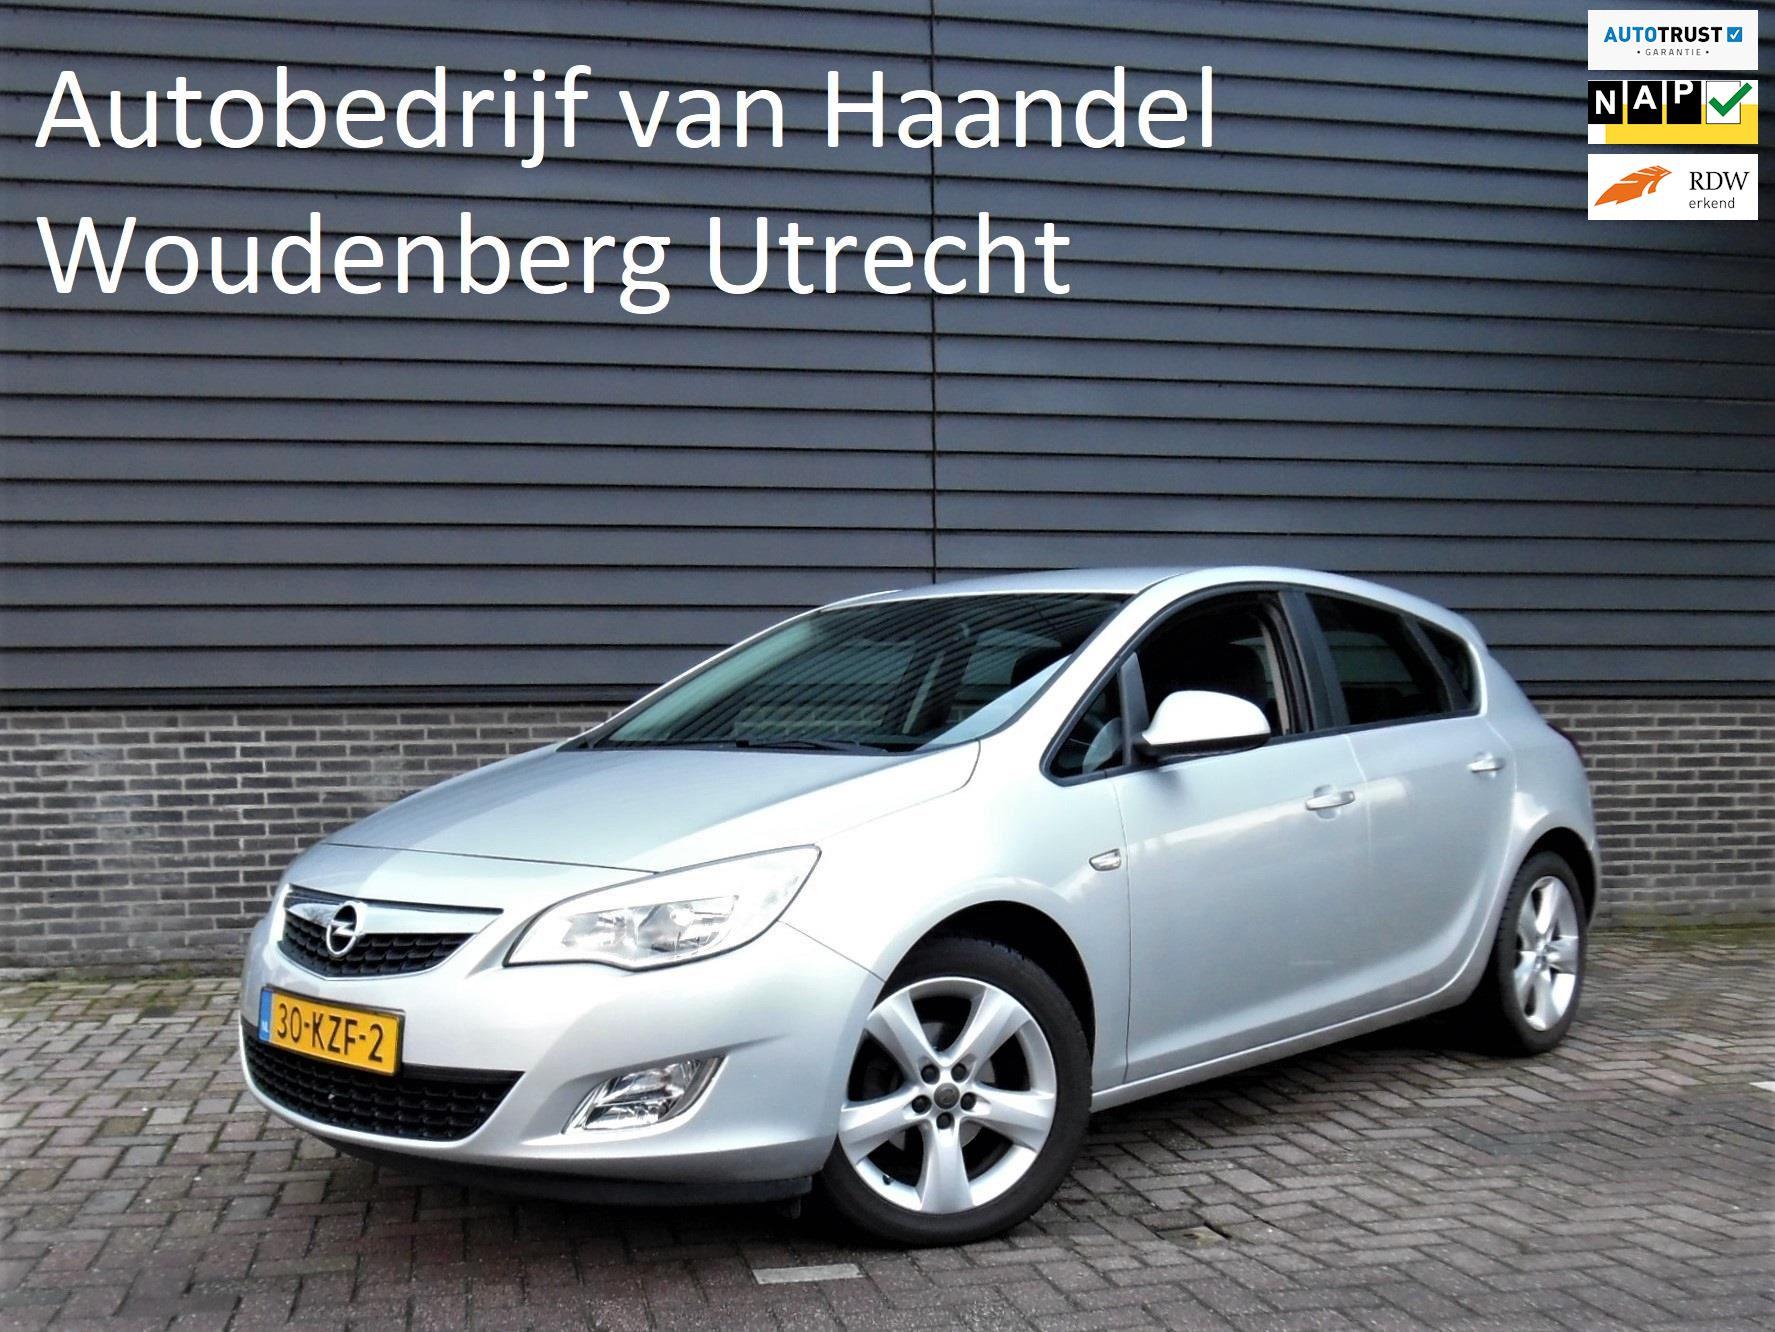 Opel Astra occasion - Autobedrijf Gerard van Haandel